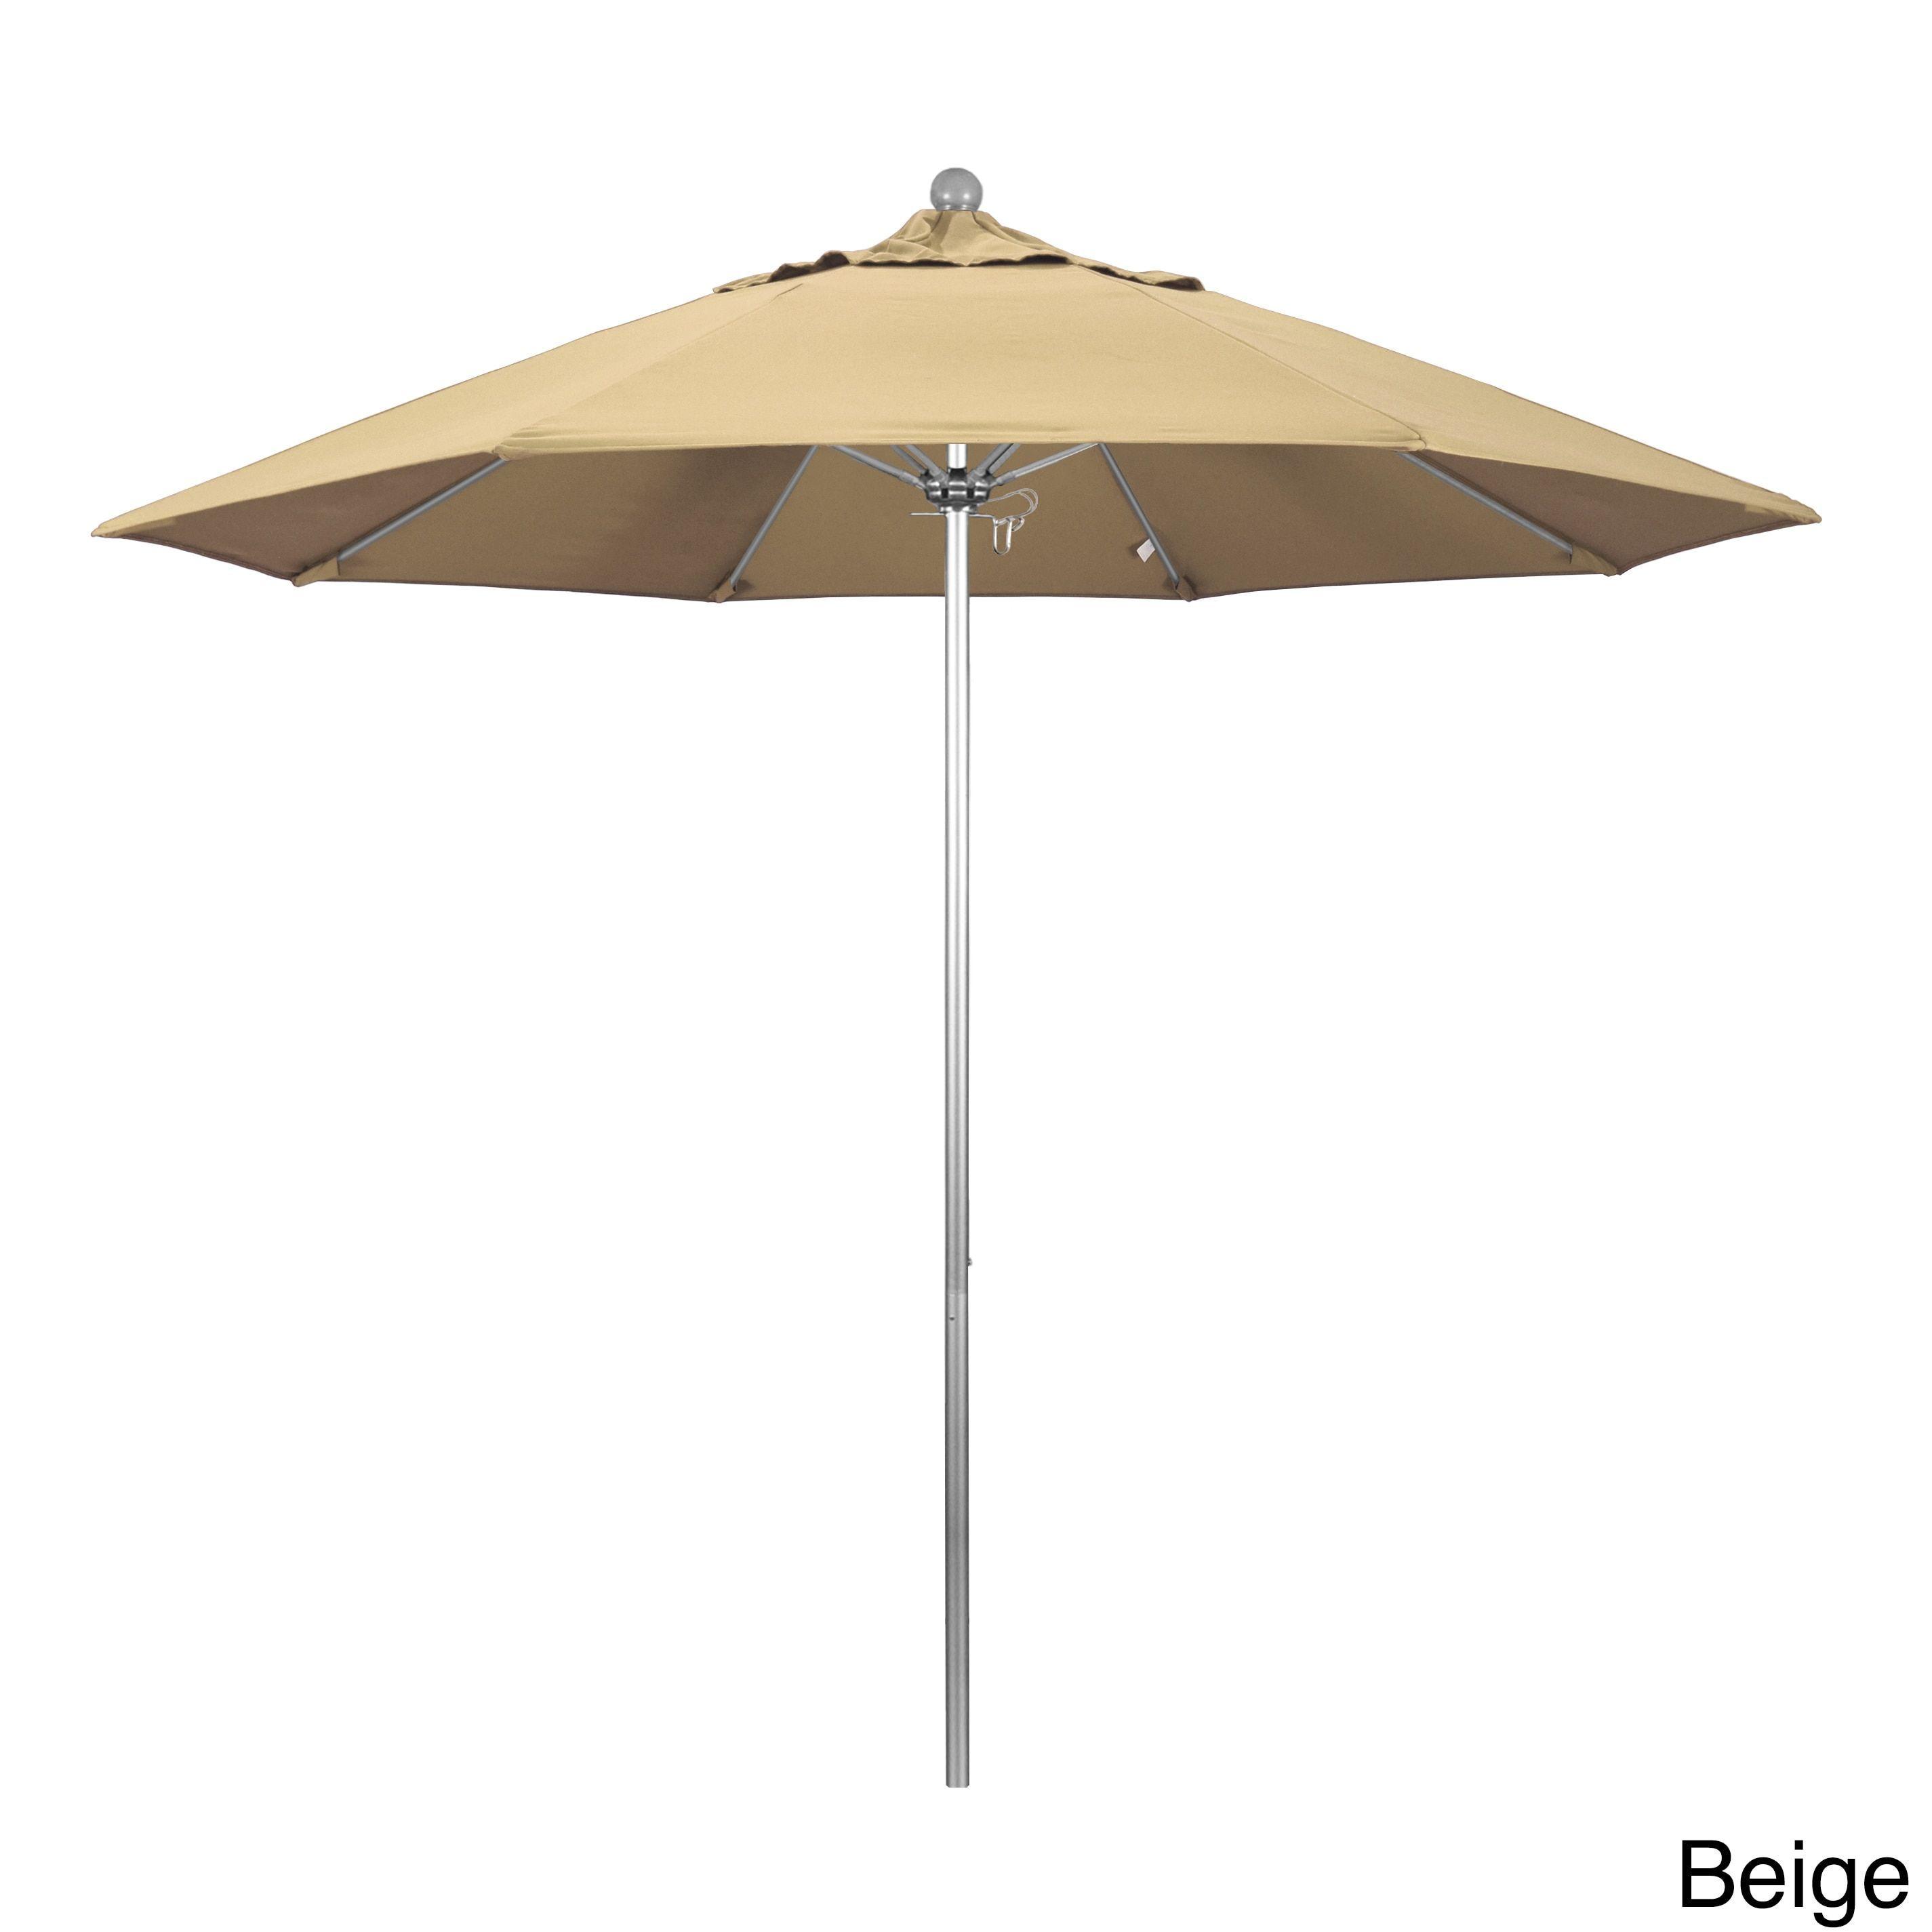 California Umbrella 9' Rd. Frame, Fiberglass Rib Market Umbrella, Push Open,Anodized Silver Finish, Pacifica Fabric